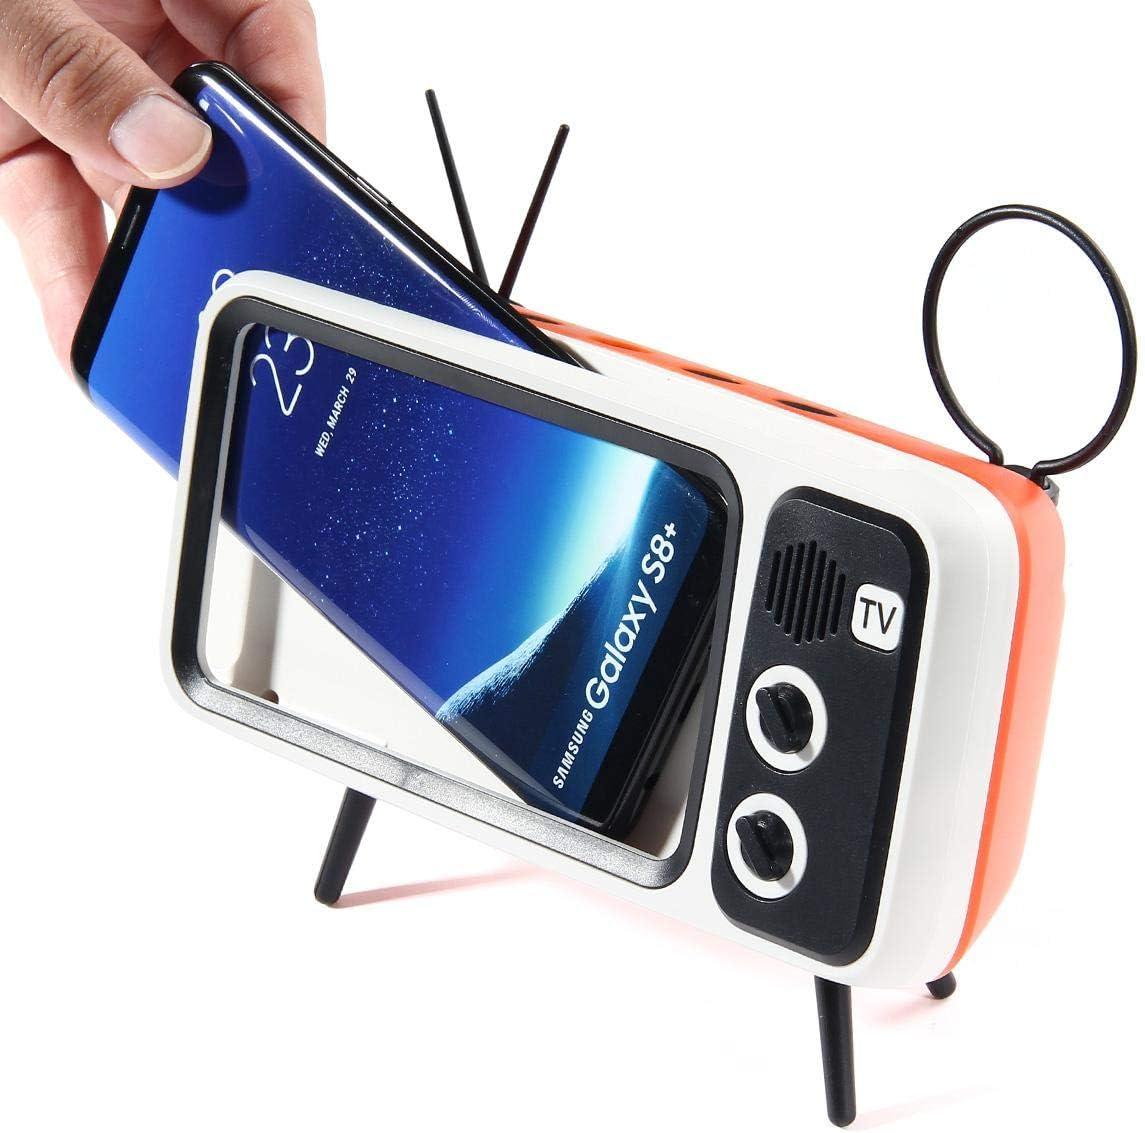 AUX FM BT Optional 3D Stereo Sound Quality Portable Vintage Wireless Loudspeaker MOGOI Retro TV BT Speaker 33ft Wireless Range V4.2 TF Card Slot Blue